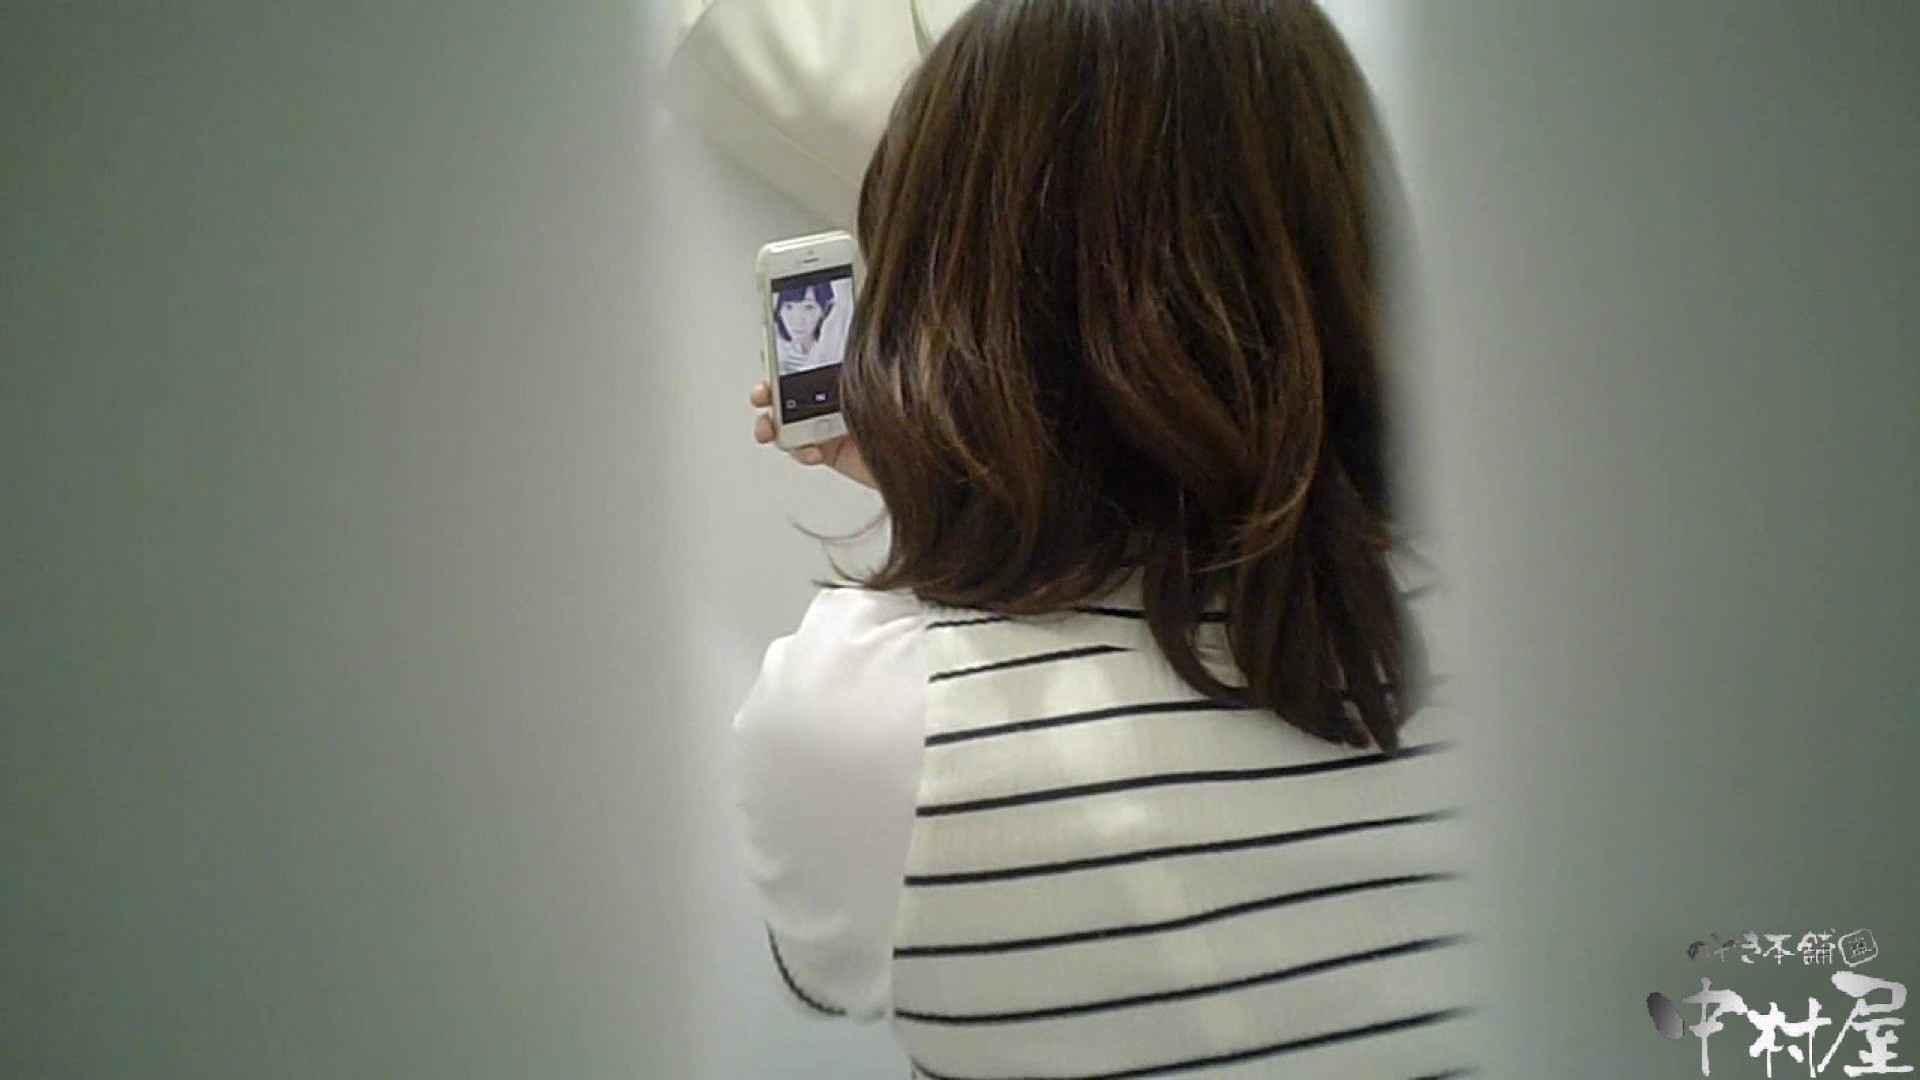 【某有名大学女性洗面所】有名大学女性洗面所 vol.37 ついでにアンダーヘアーの状態確認ですね。 OL  48連発 5